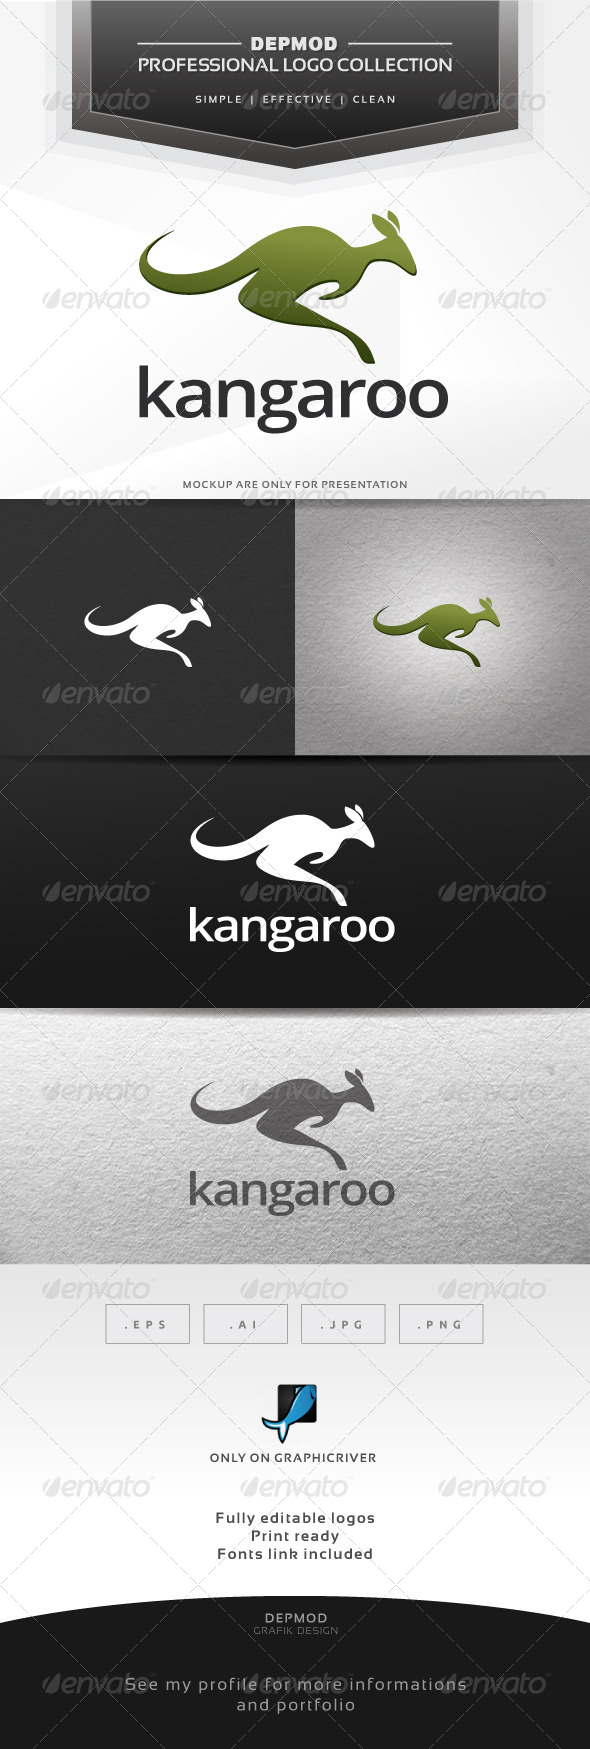 GraphicRiver Kangaroo Logo 6446204